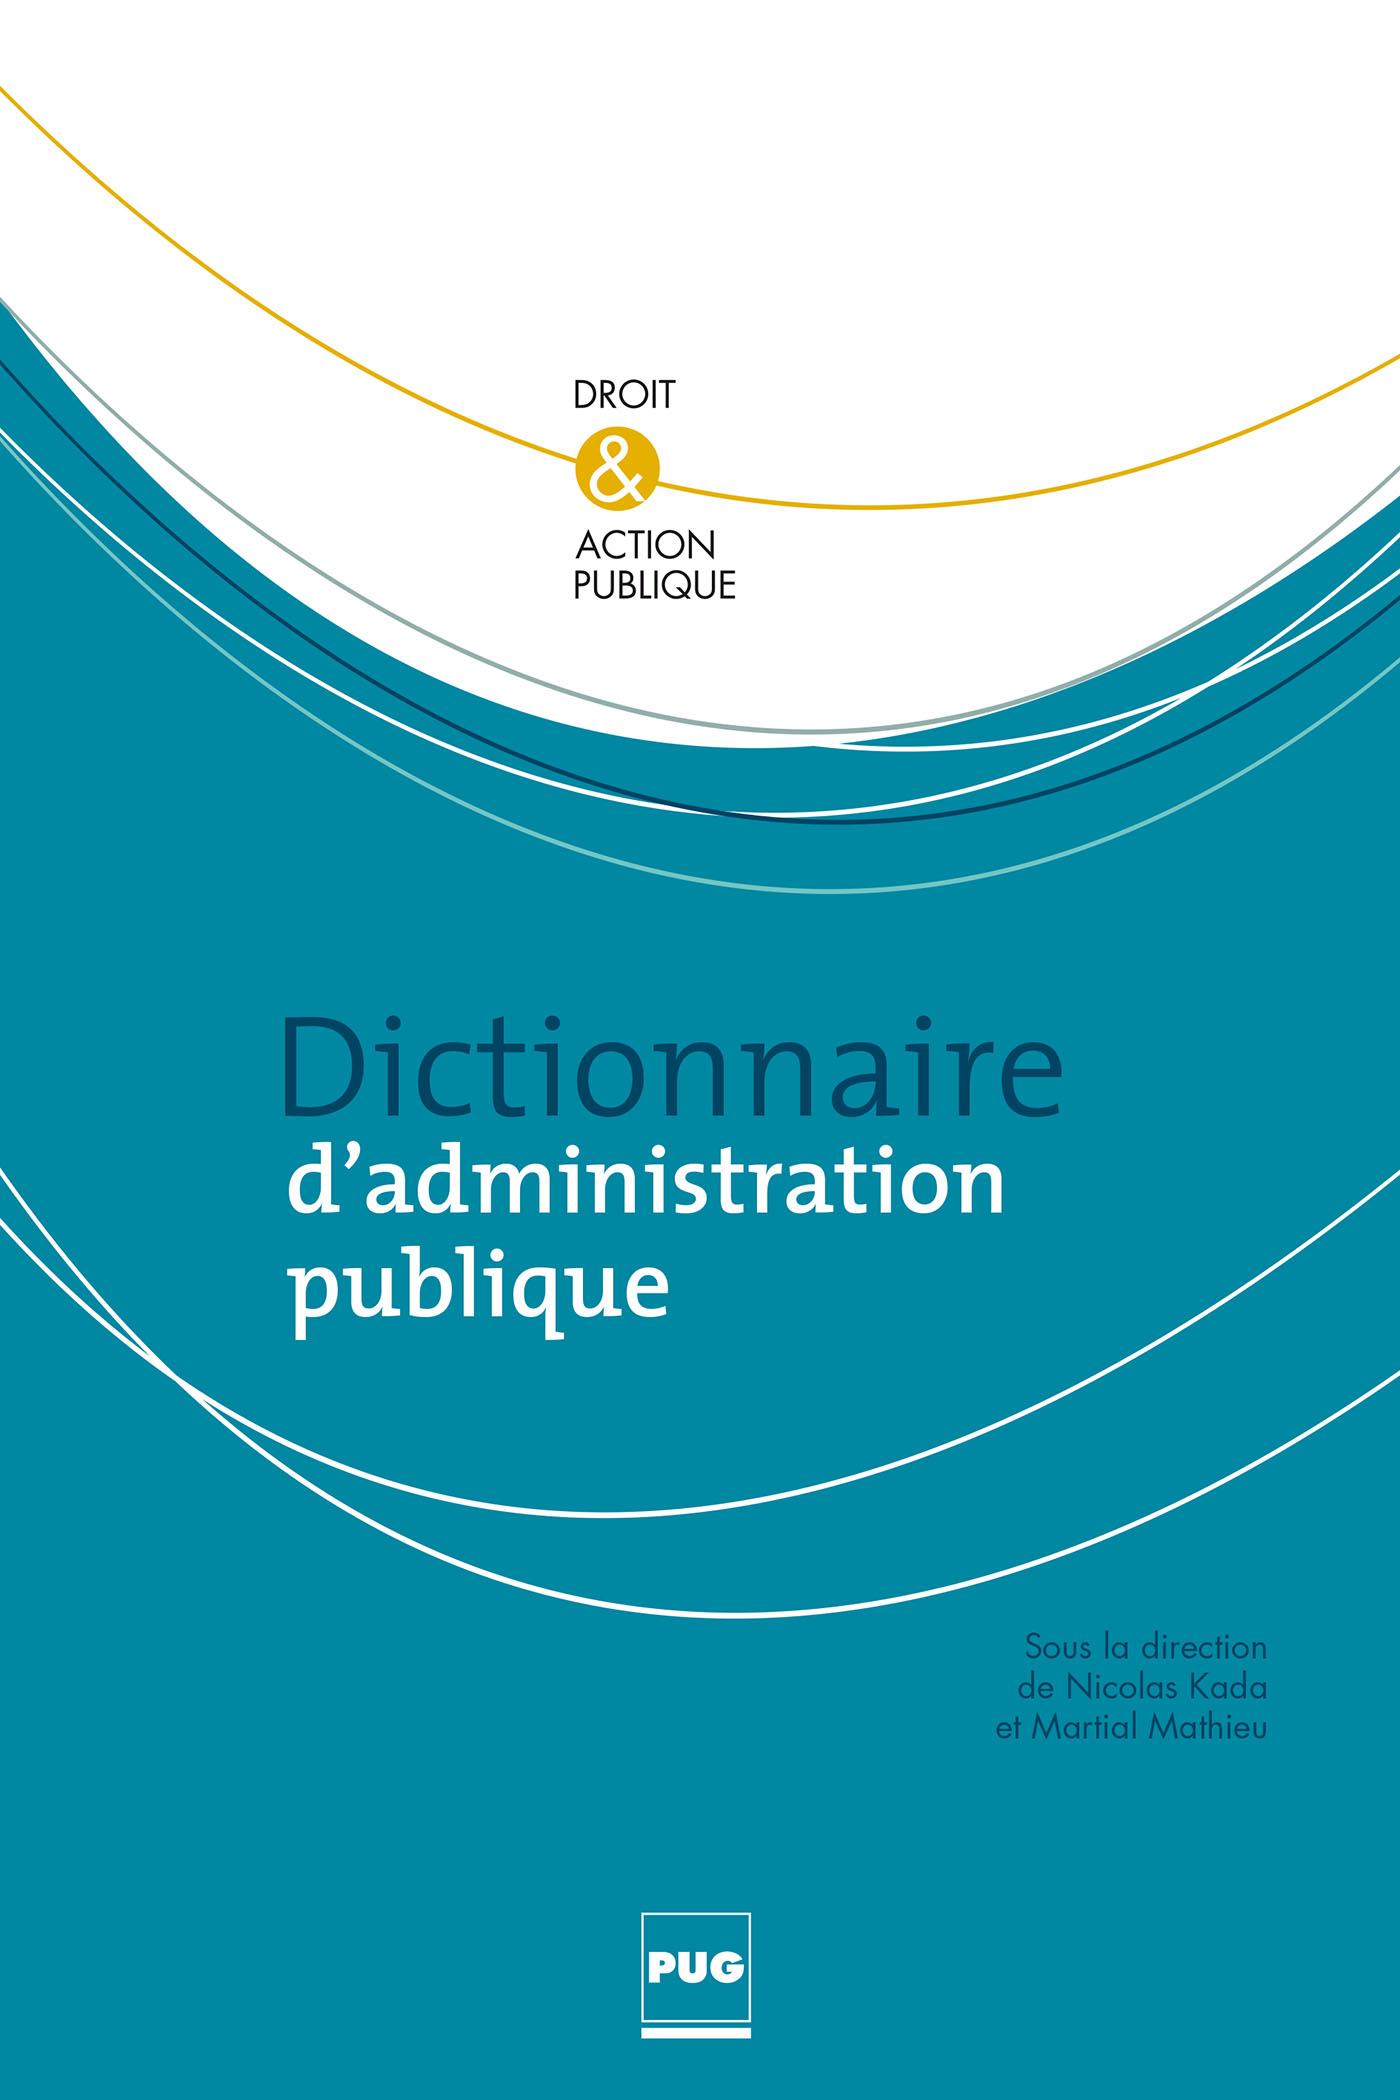 dictionnaire d u0026 39 administration publique -